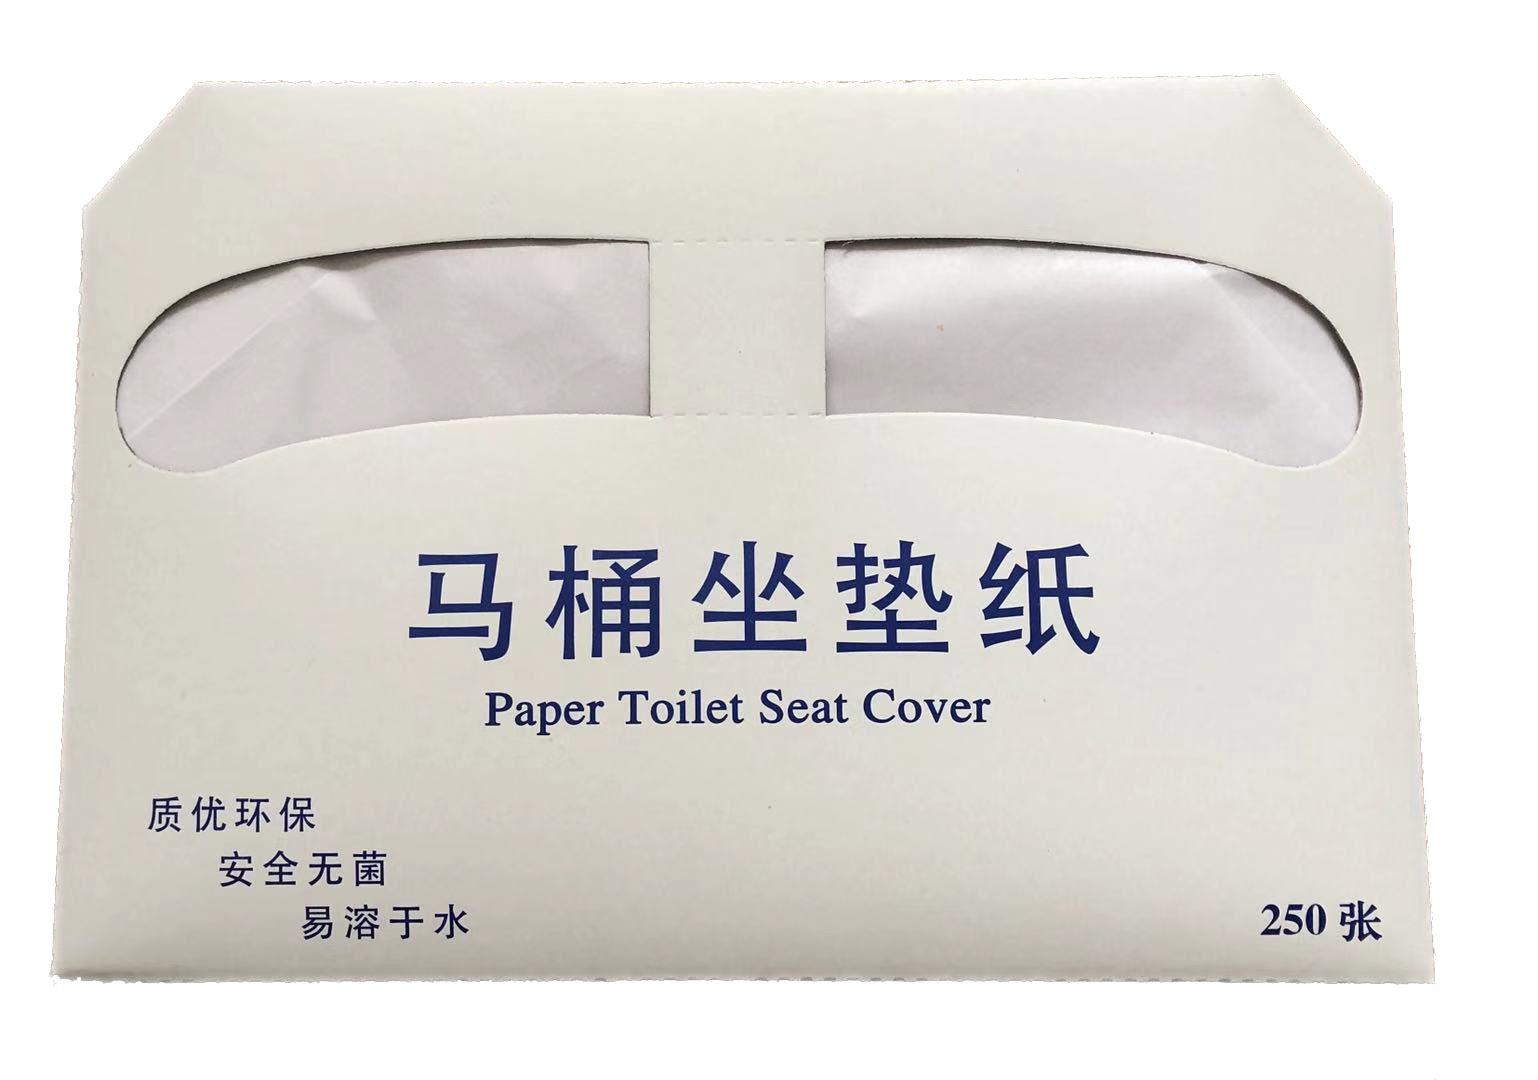 一次性马桶坐垫纸有环保和方便性